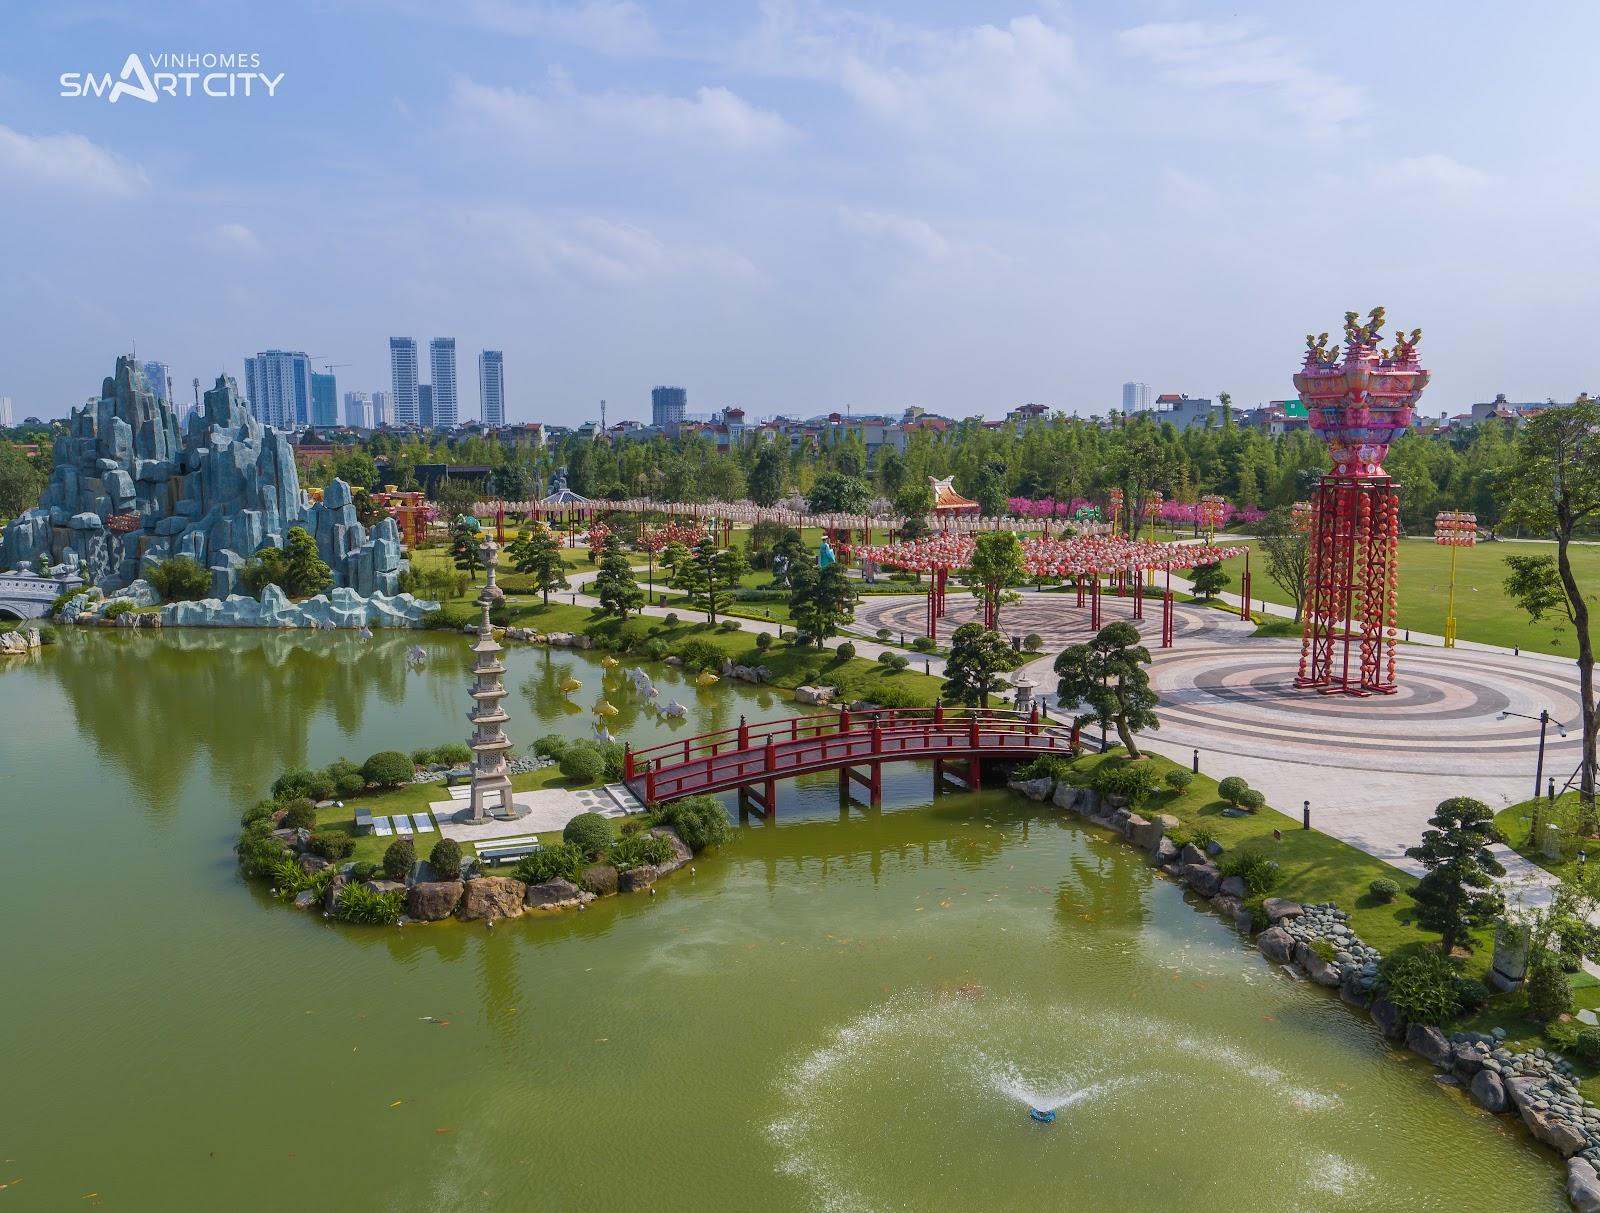 Công viên vườn Nhật tại Vinhomes Tây Mỗ Đại Mỗ